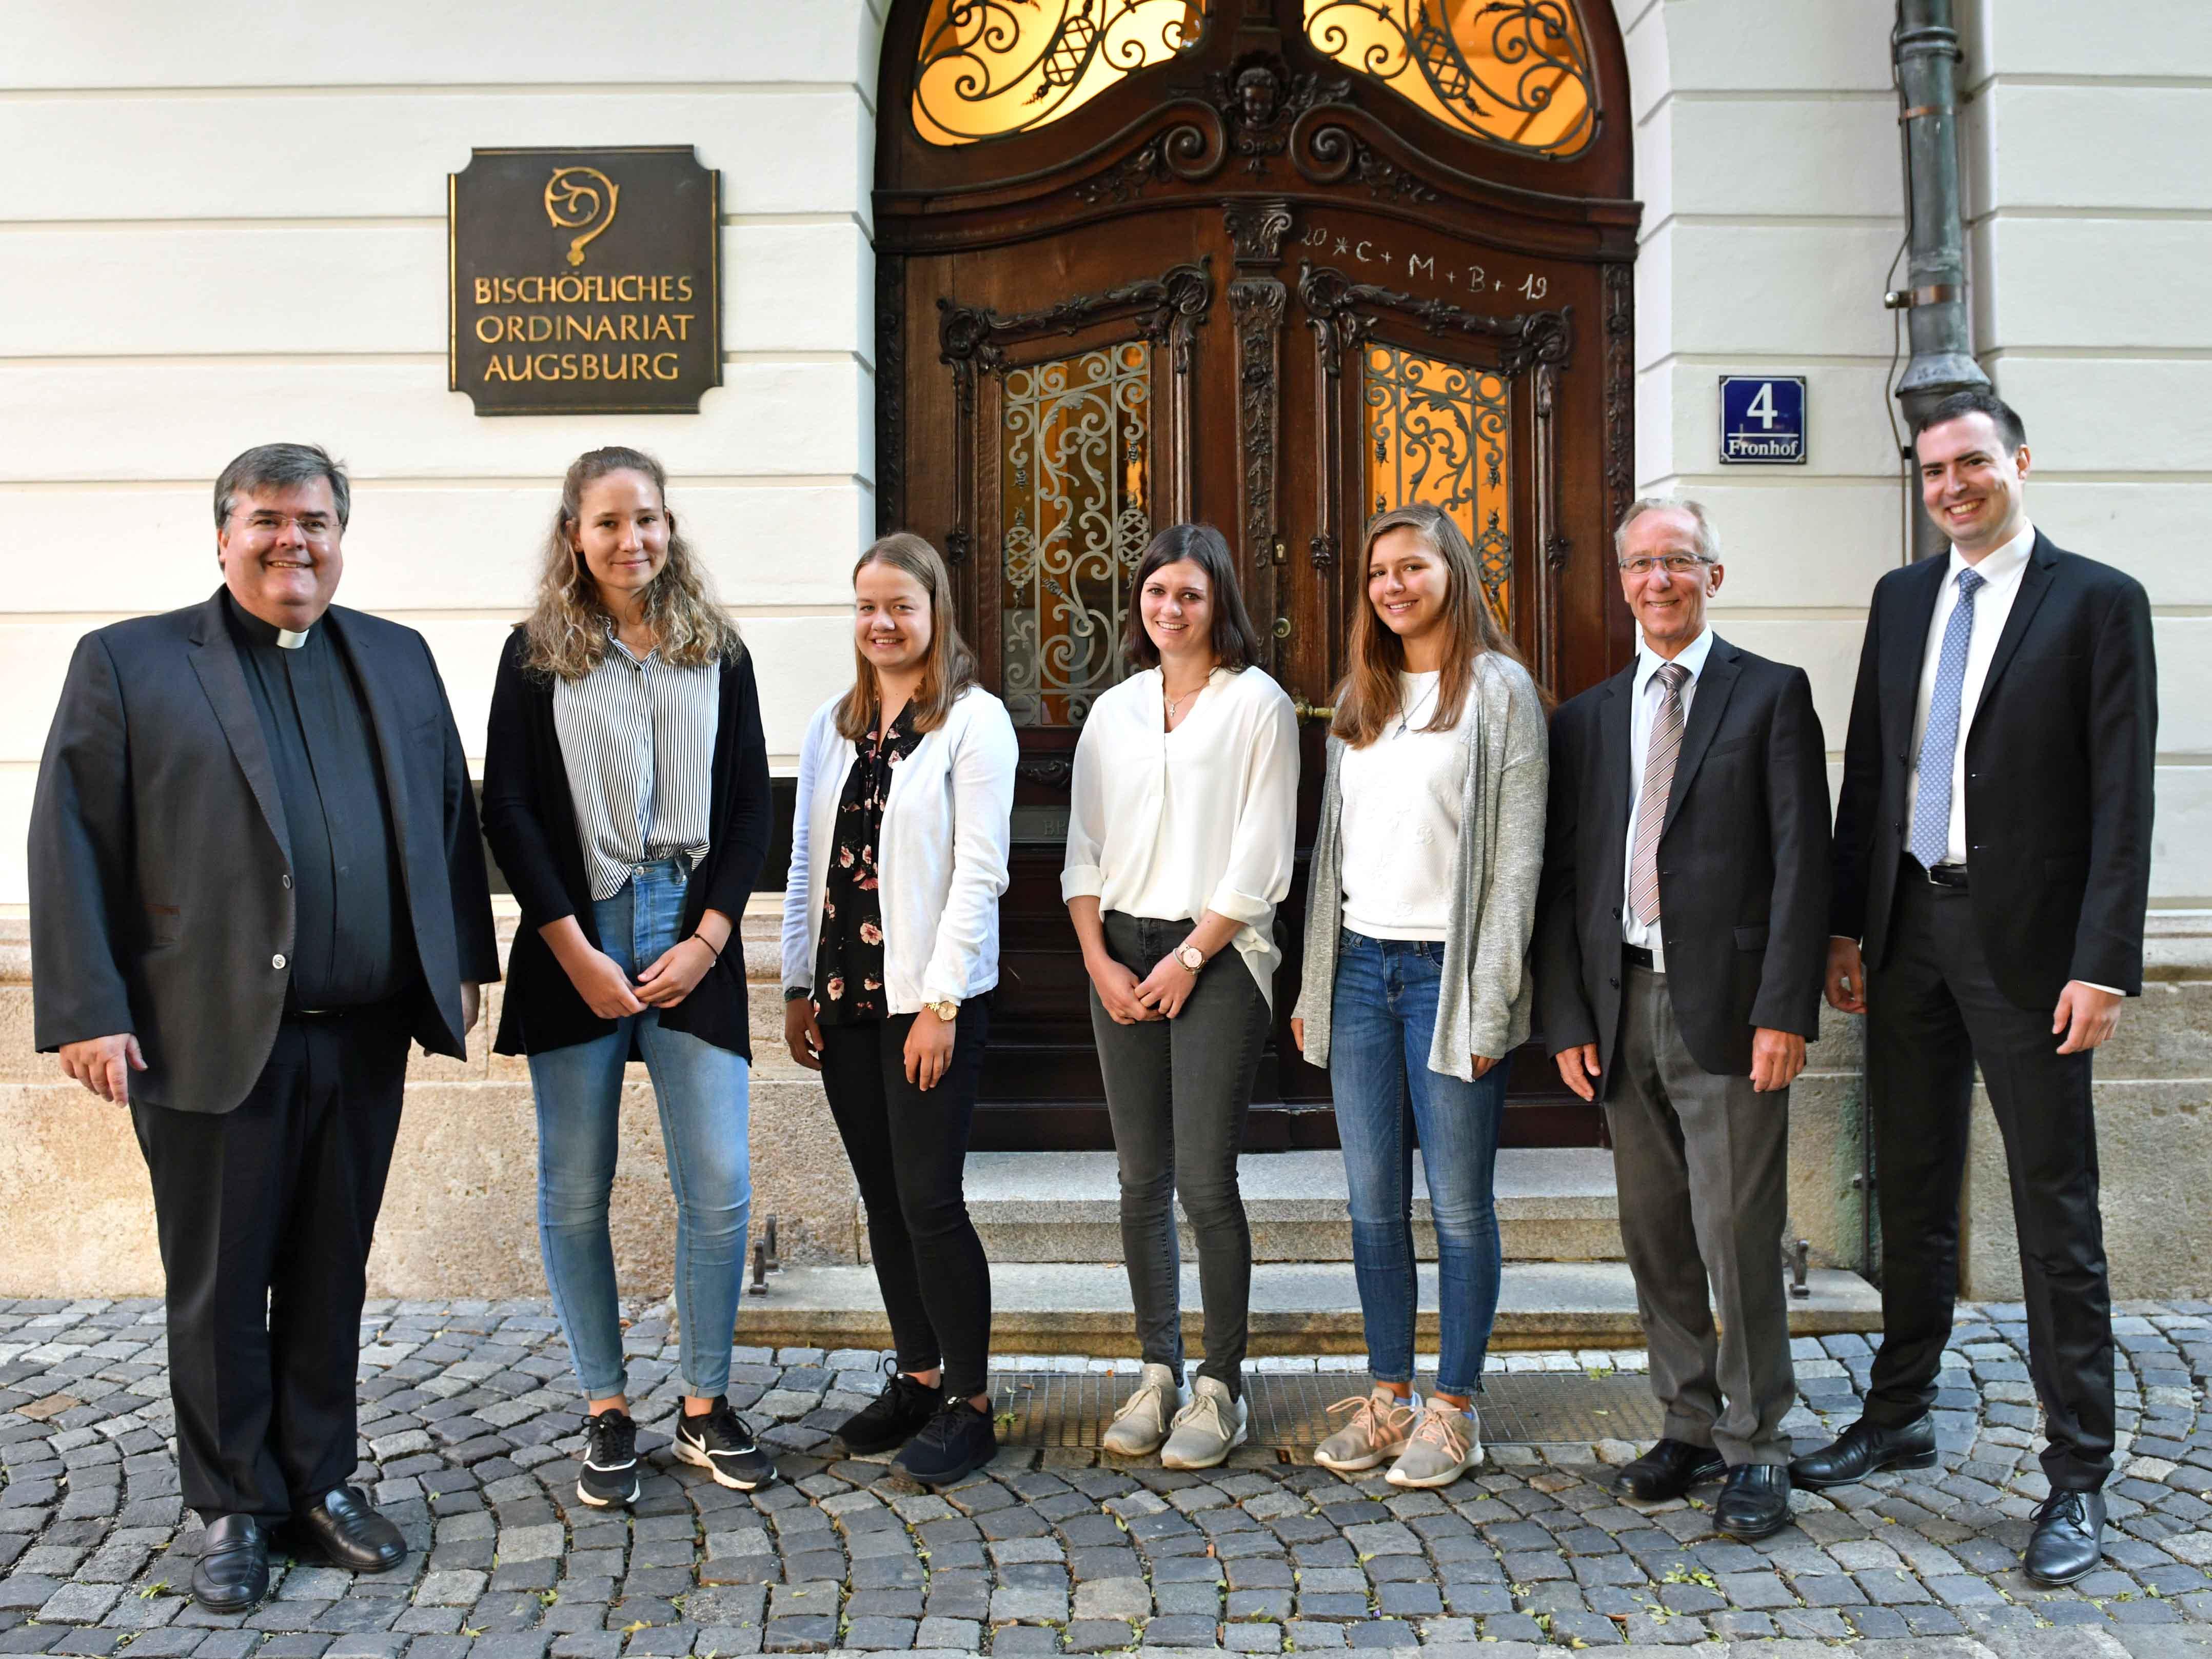 Neue Auszubildende im Bischöflichen Ordinariat zusammen mit den Personalverantwortlichen. (Foto: Nicolas Schnall / pba)